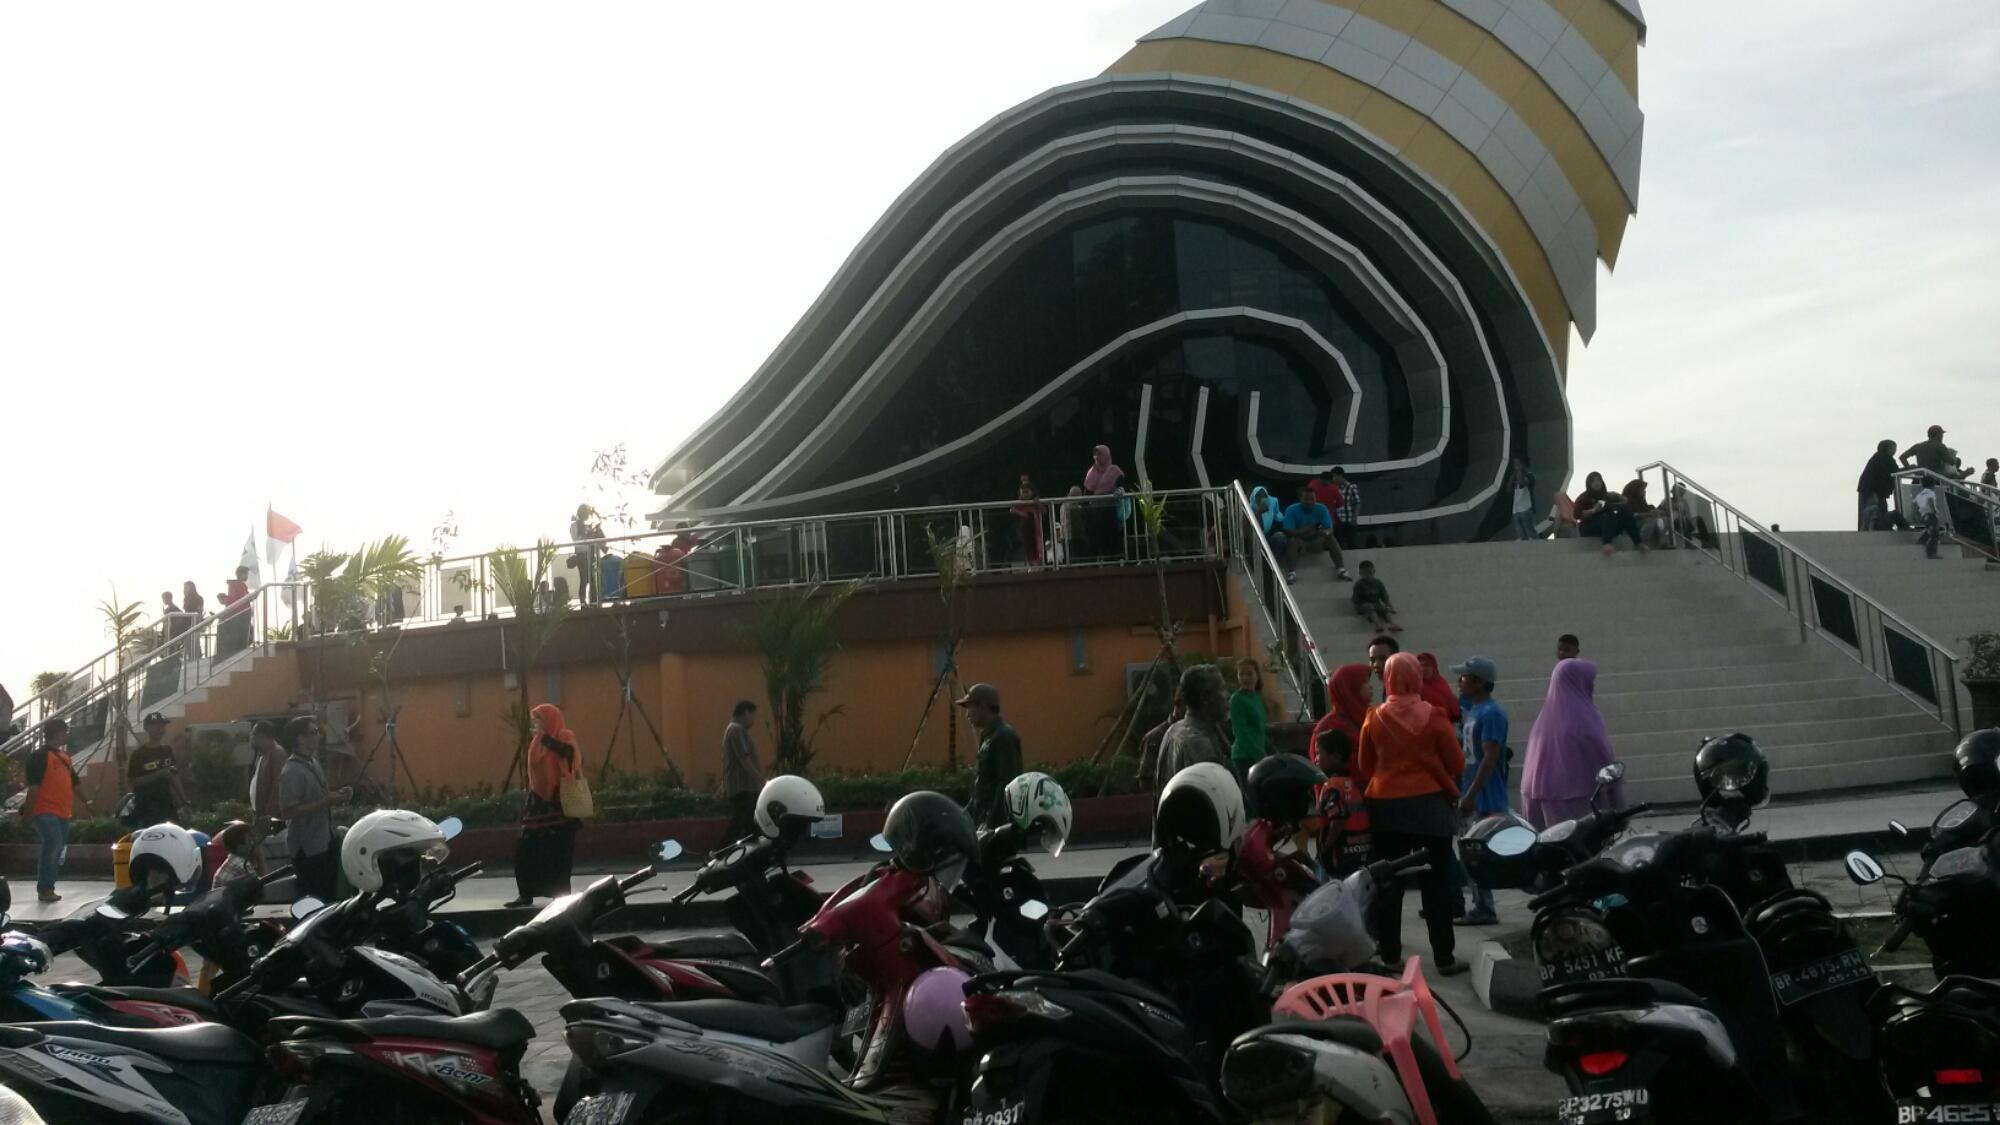 Potret Gedung Gonggong Laman Boenda Tanjungpinang Puputyuhara Nantinya Dijadikan Sebagai